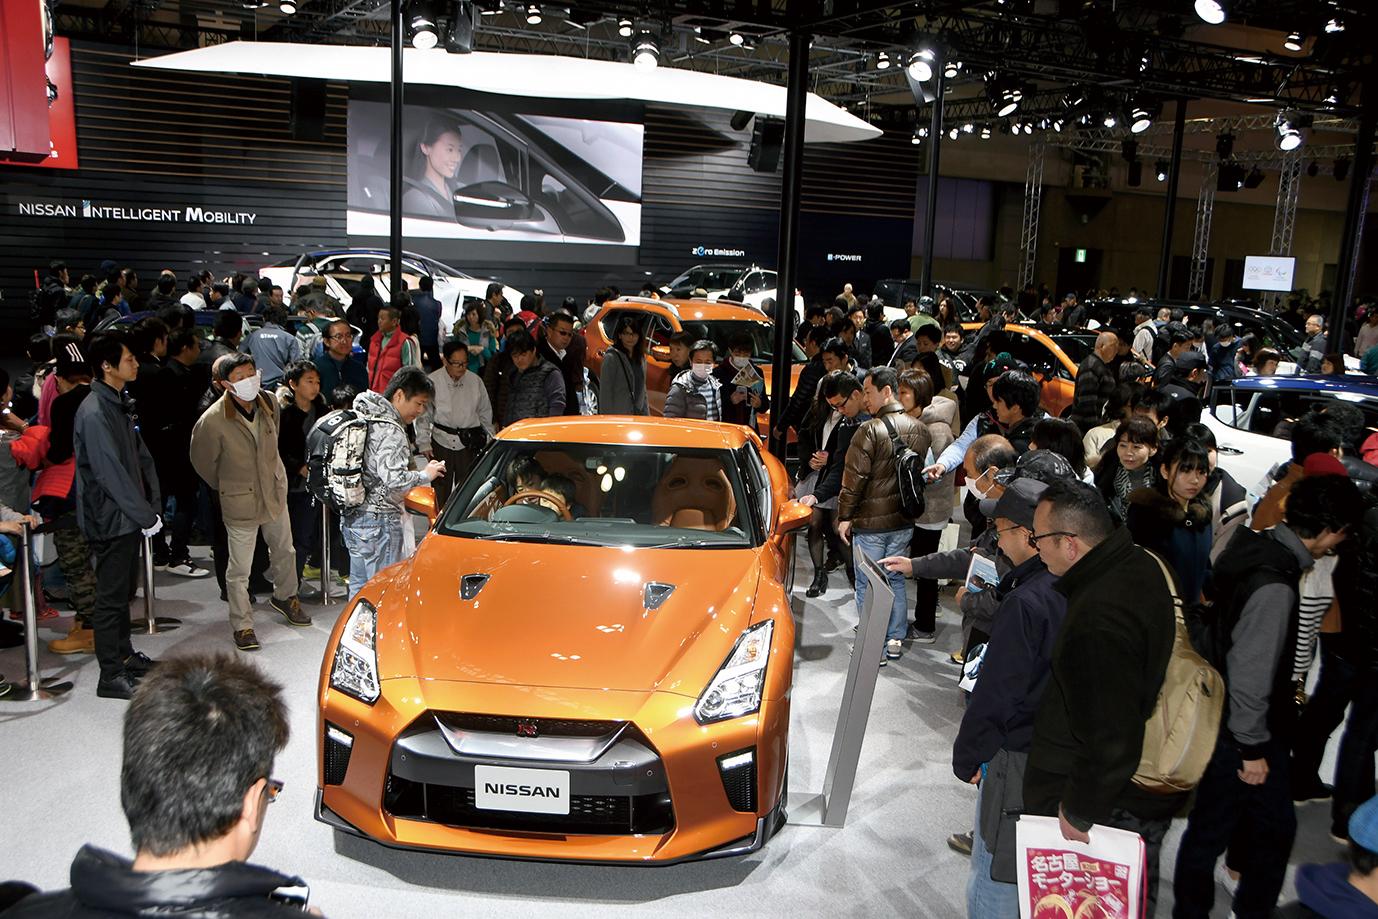 国内外の四輪・二輪車メーカーのコンセプトカーや最新市販車が勢揃い